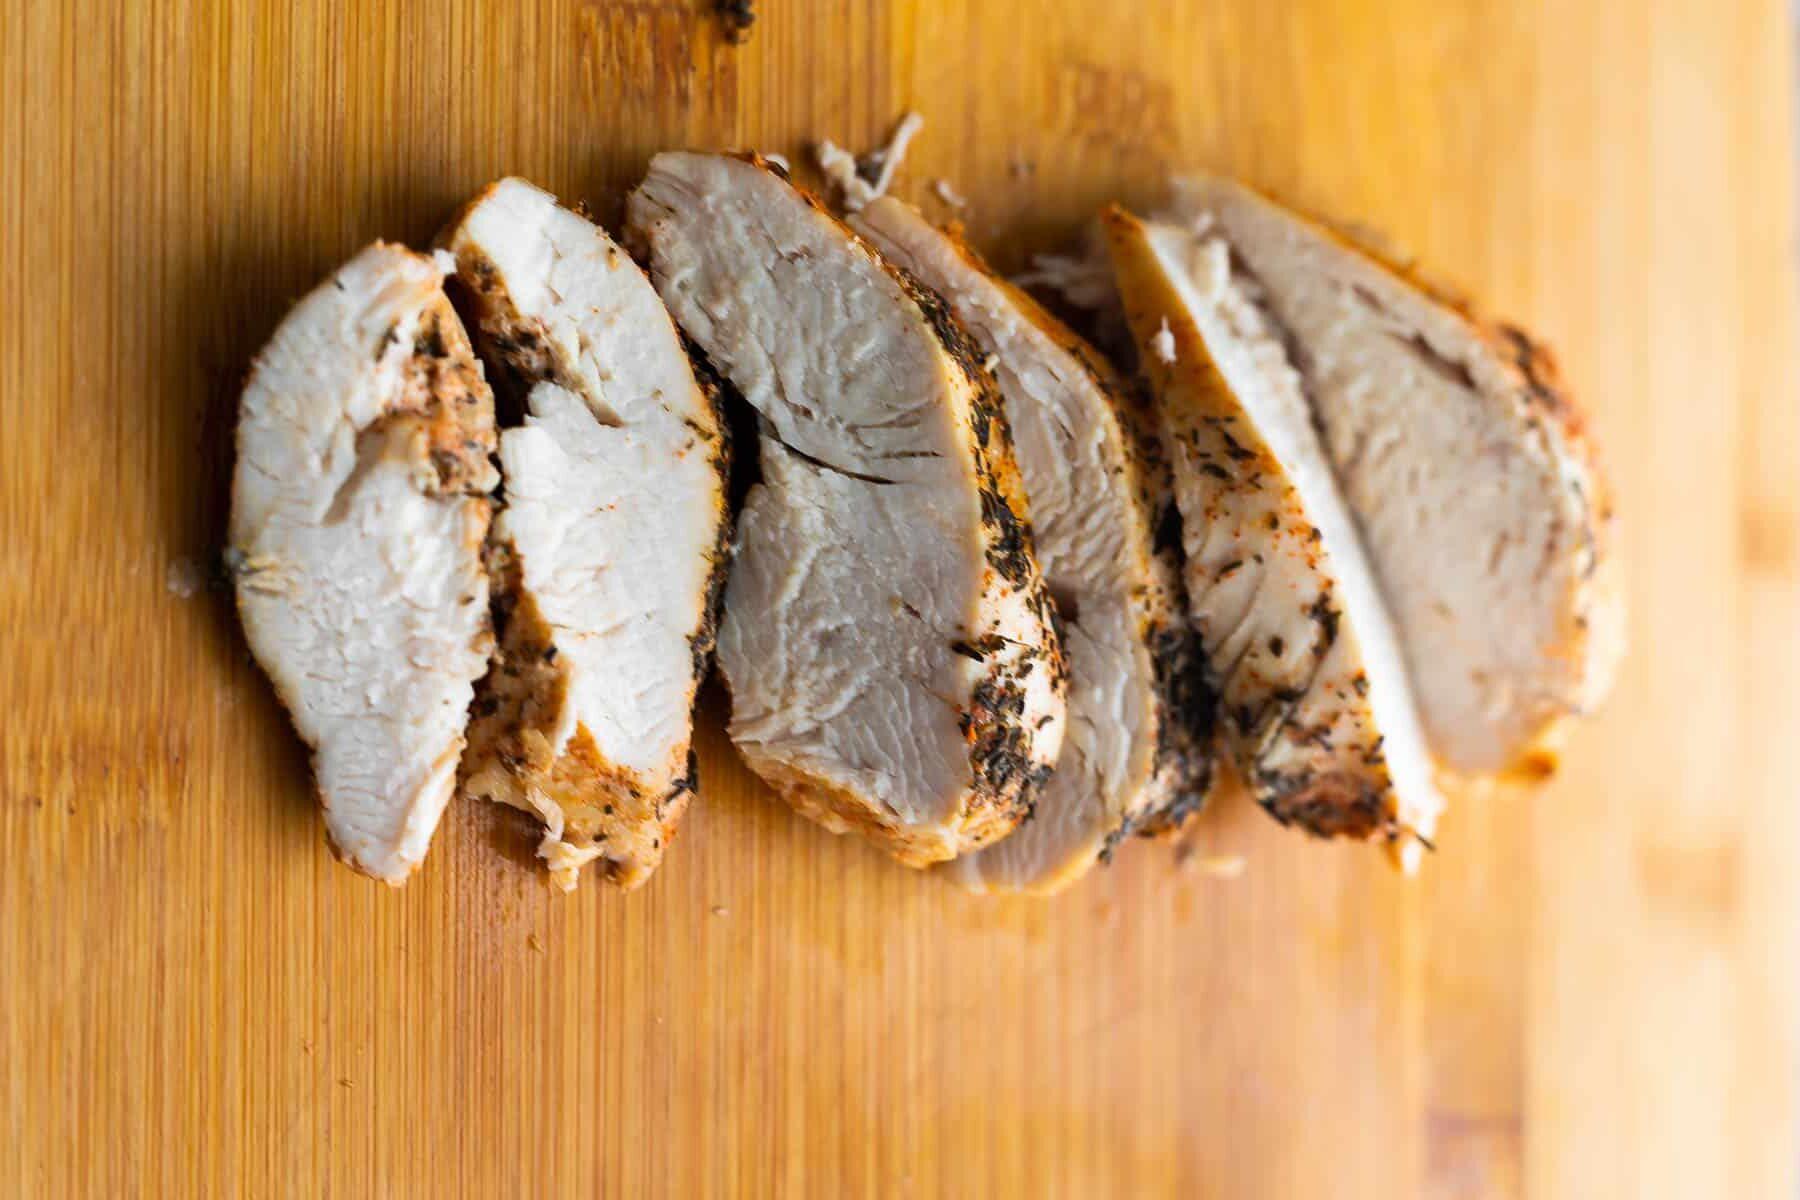 kesme tahtası üzerinde dilimlenmiş tavuk göğsü